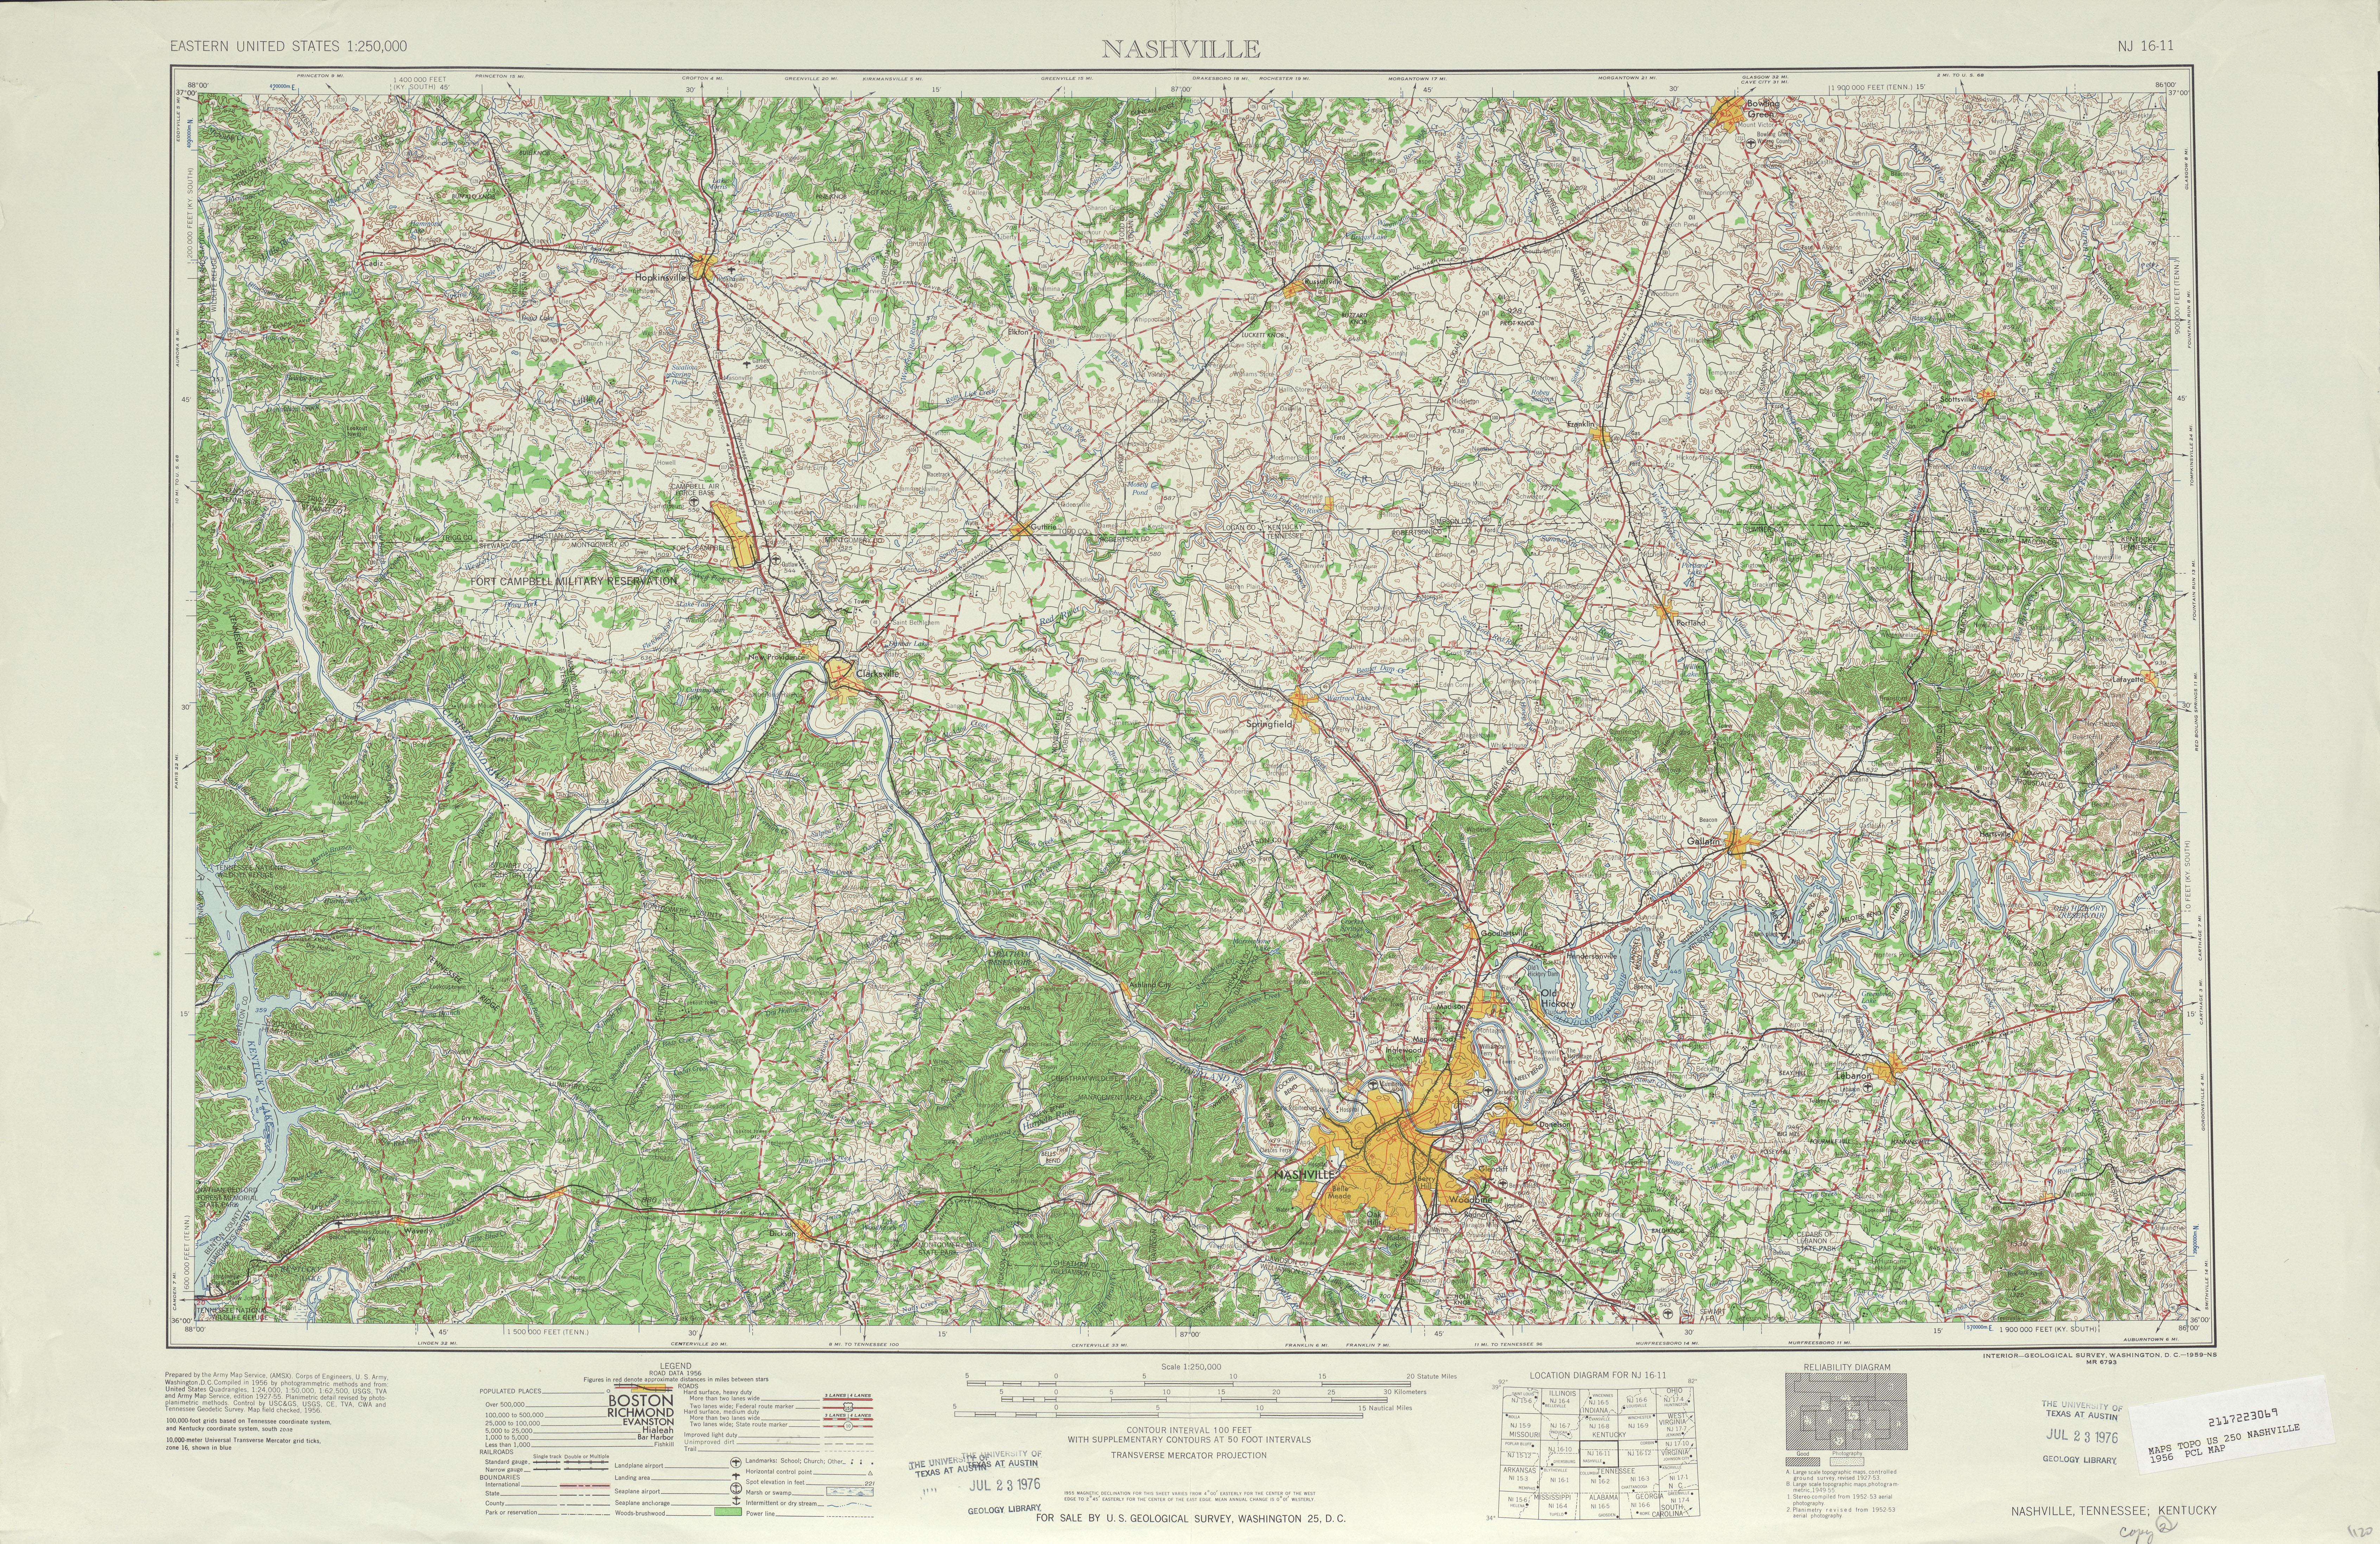 Hoja Nashville del Mapa Topográfico de los Estados Unidos 1956